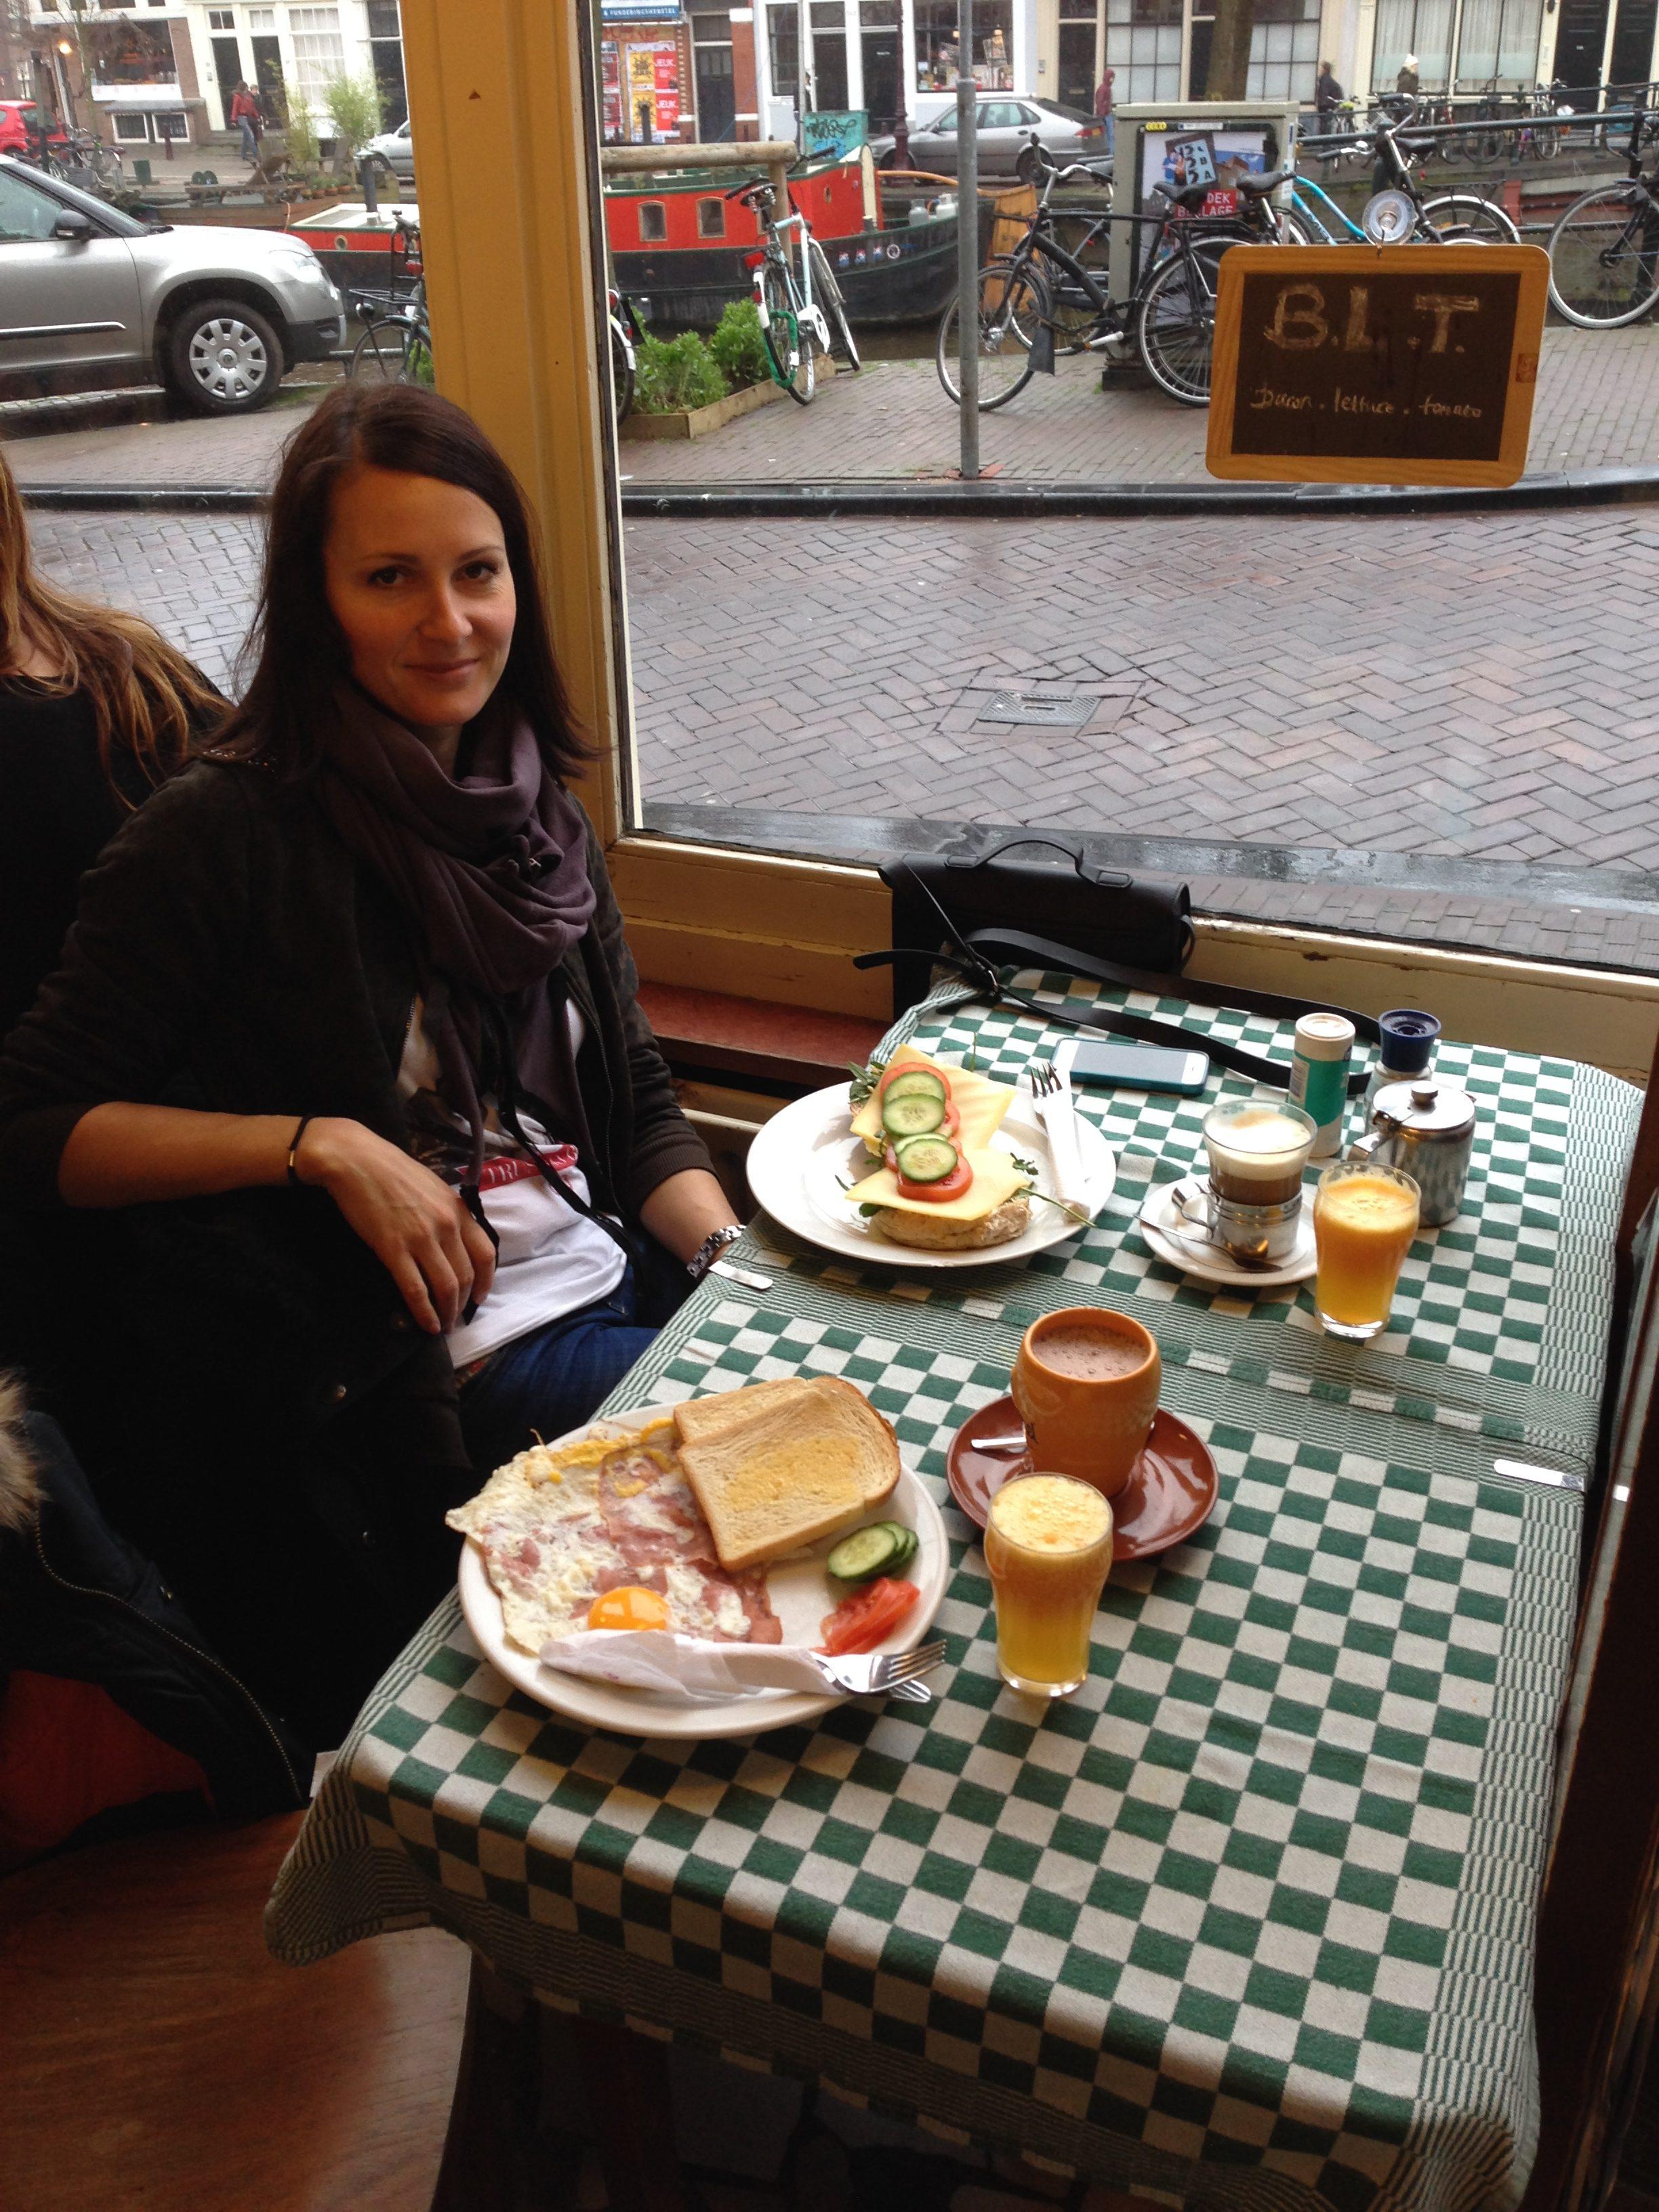 Frau beim Frühstück in einem Café in Amsterdam